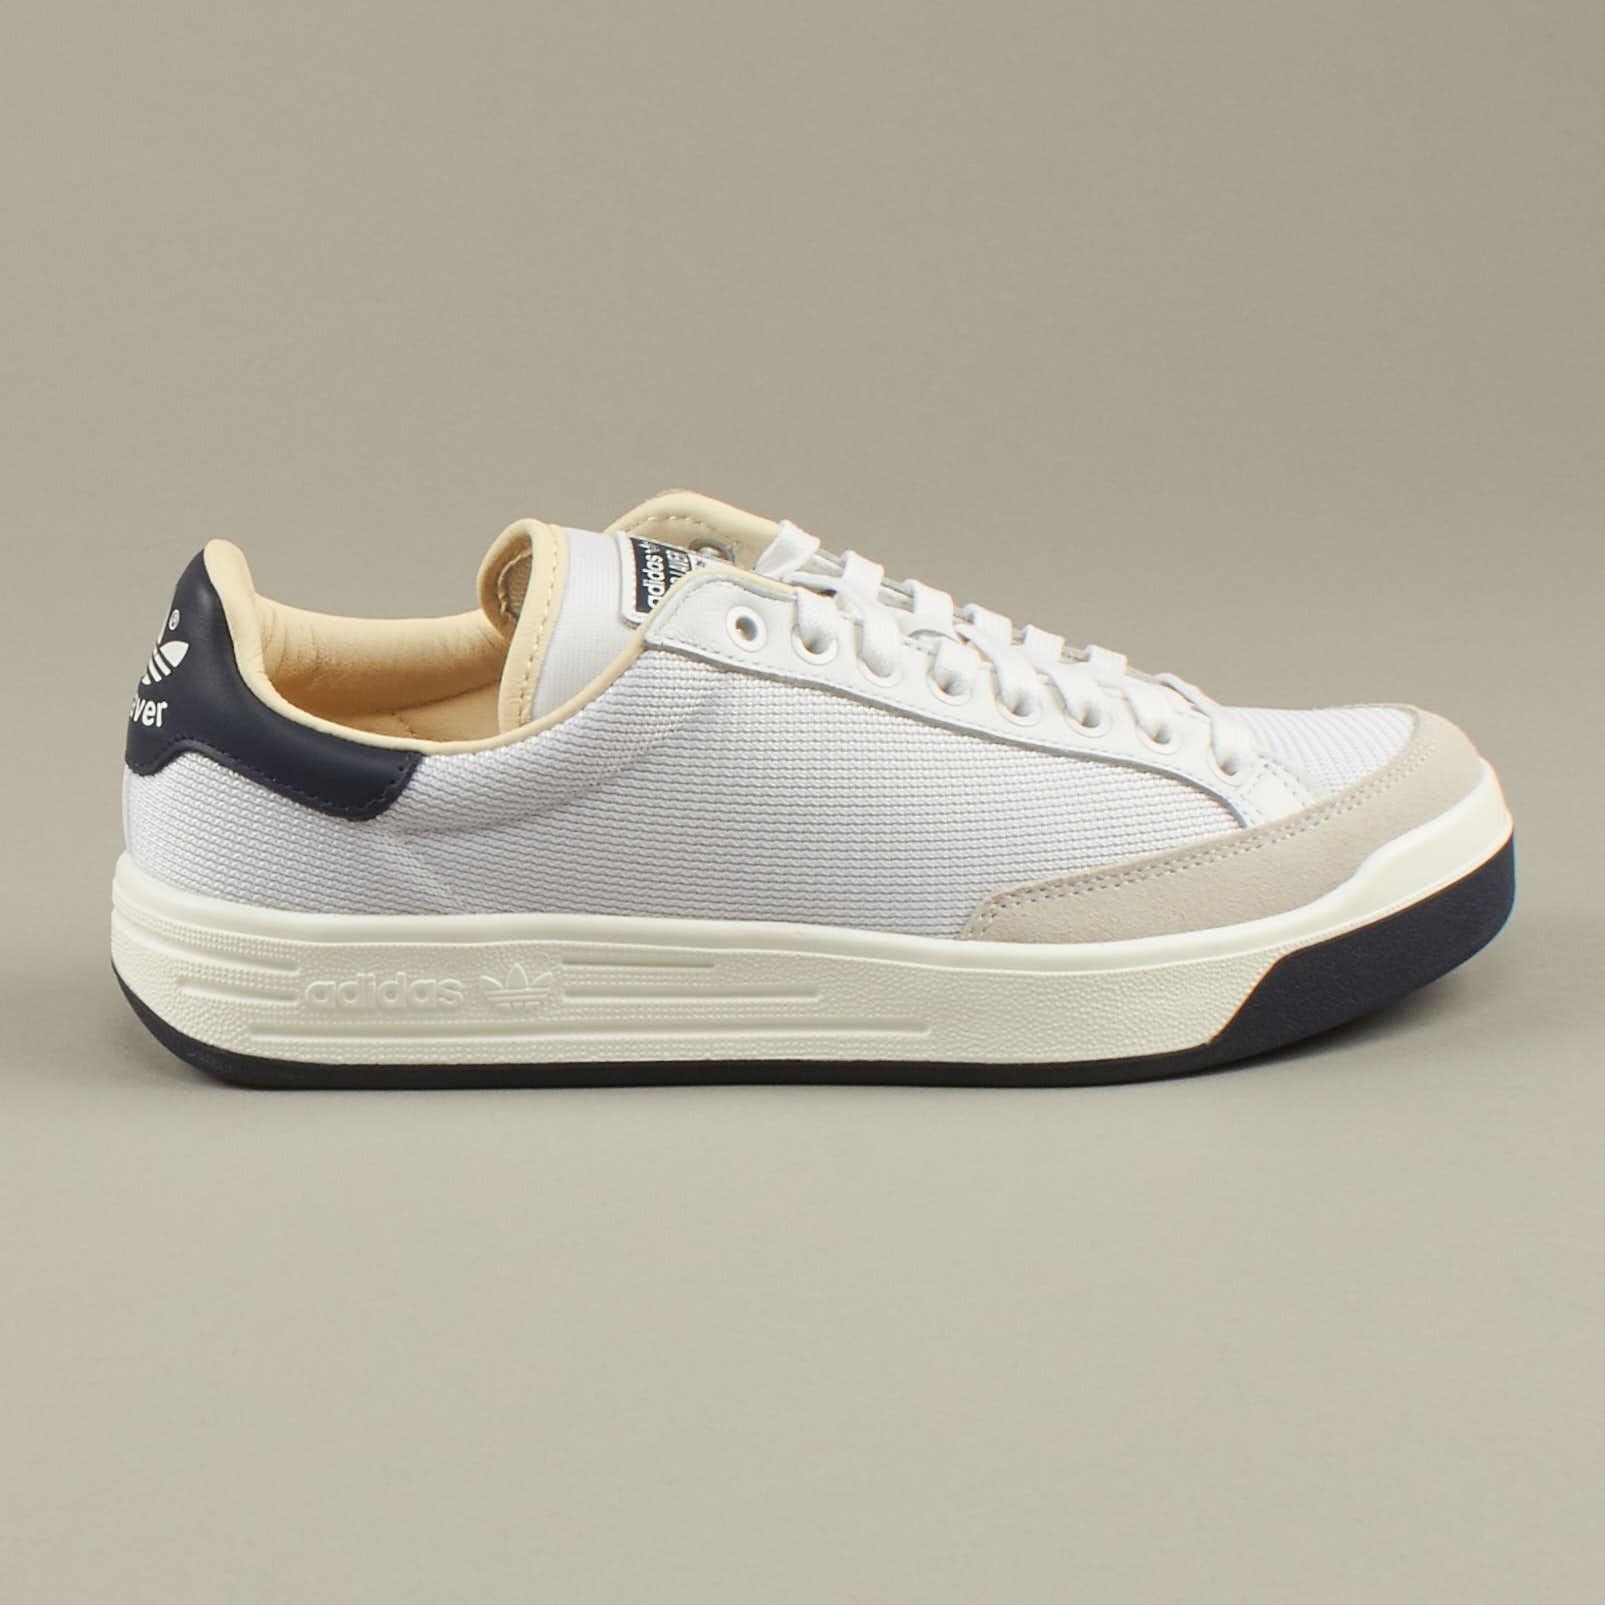 adidas rod laver super white/blue NIZCCOI